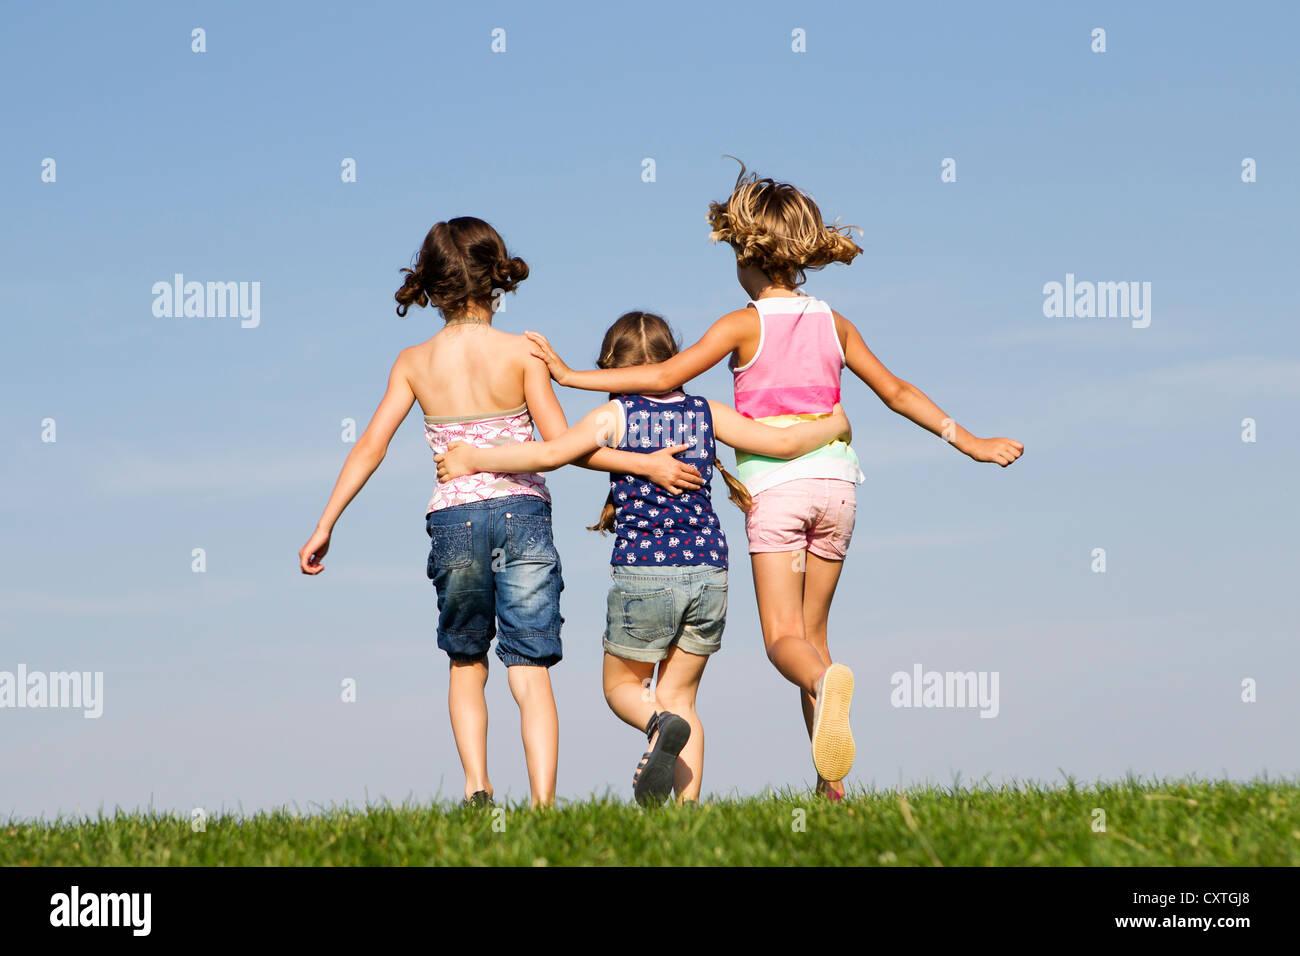 Las niñas jugando juntos al aire libre Imagen De Stock